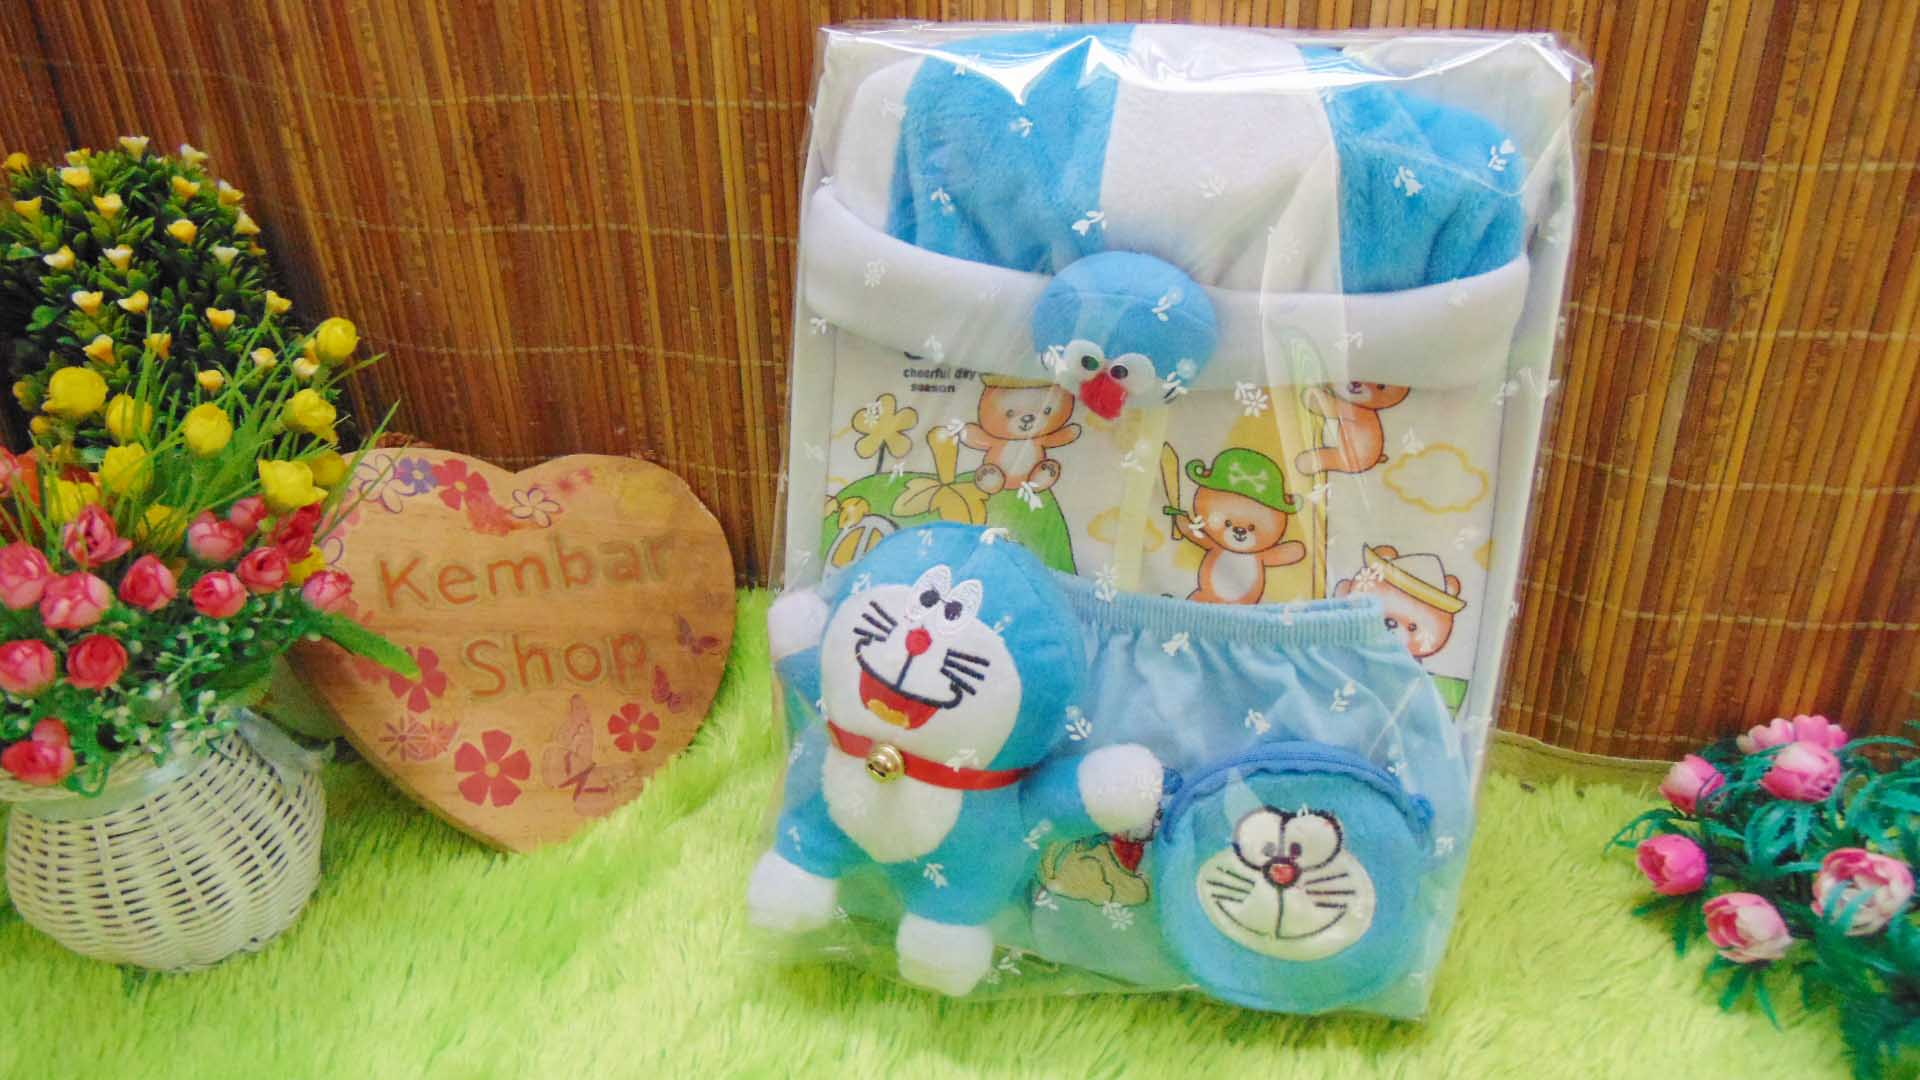 FREE KARTU UCAPAN Paket Kado Bayi Baru Lahir Gift Box